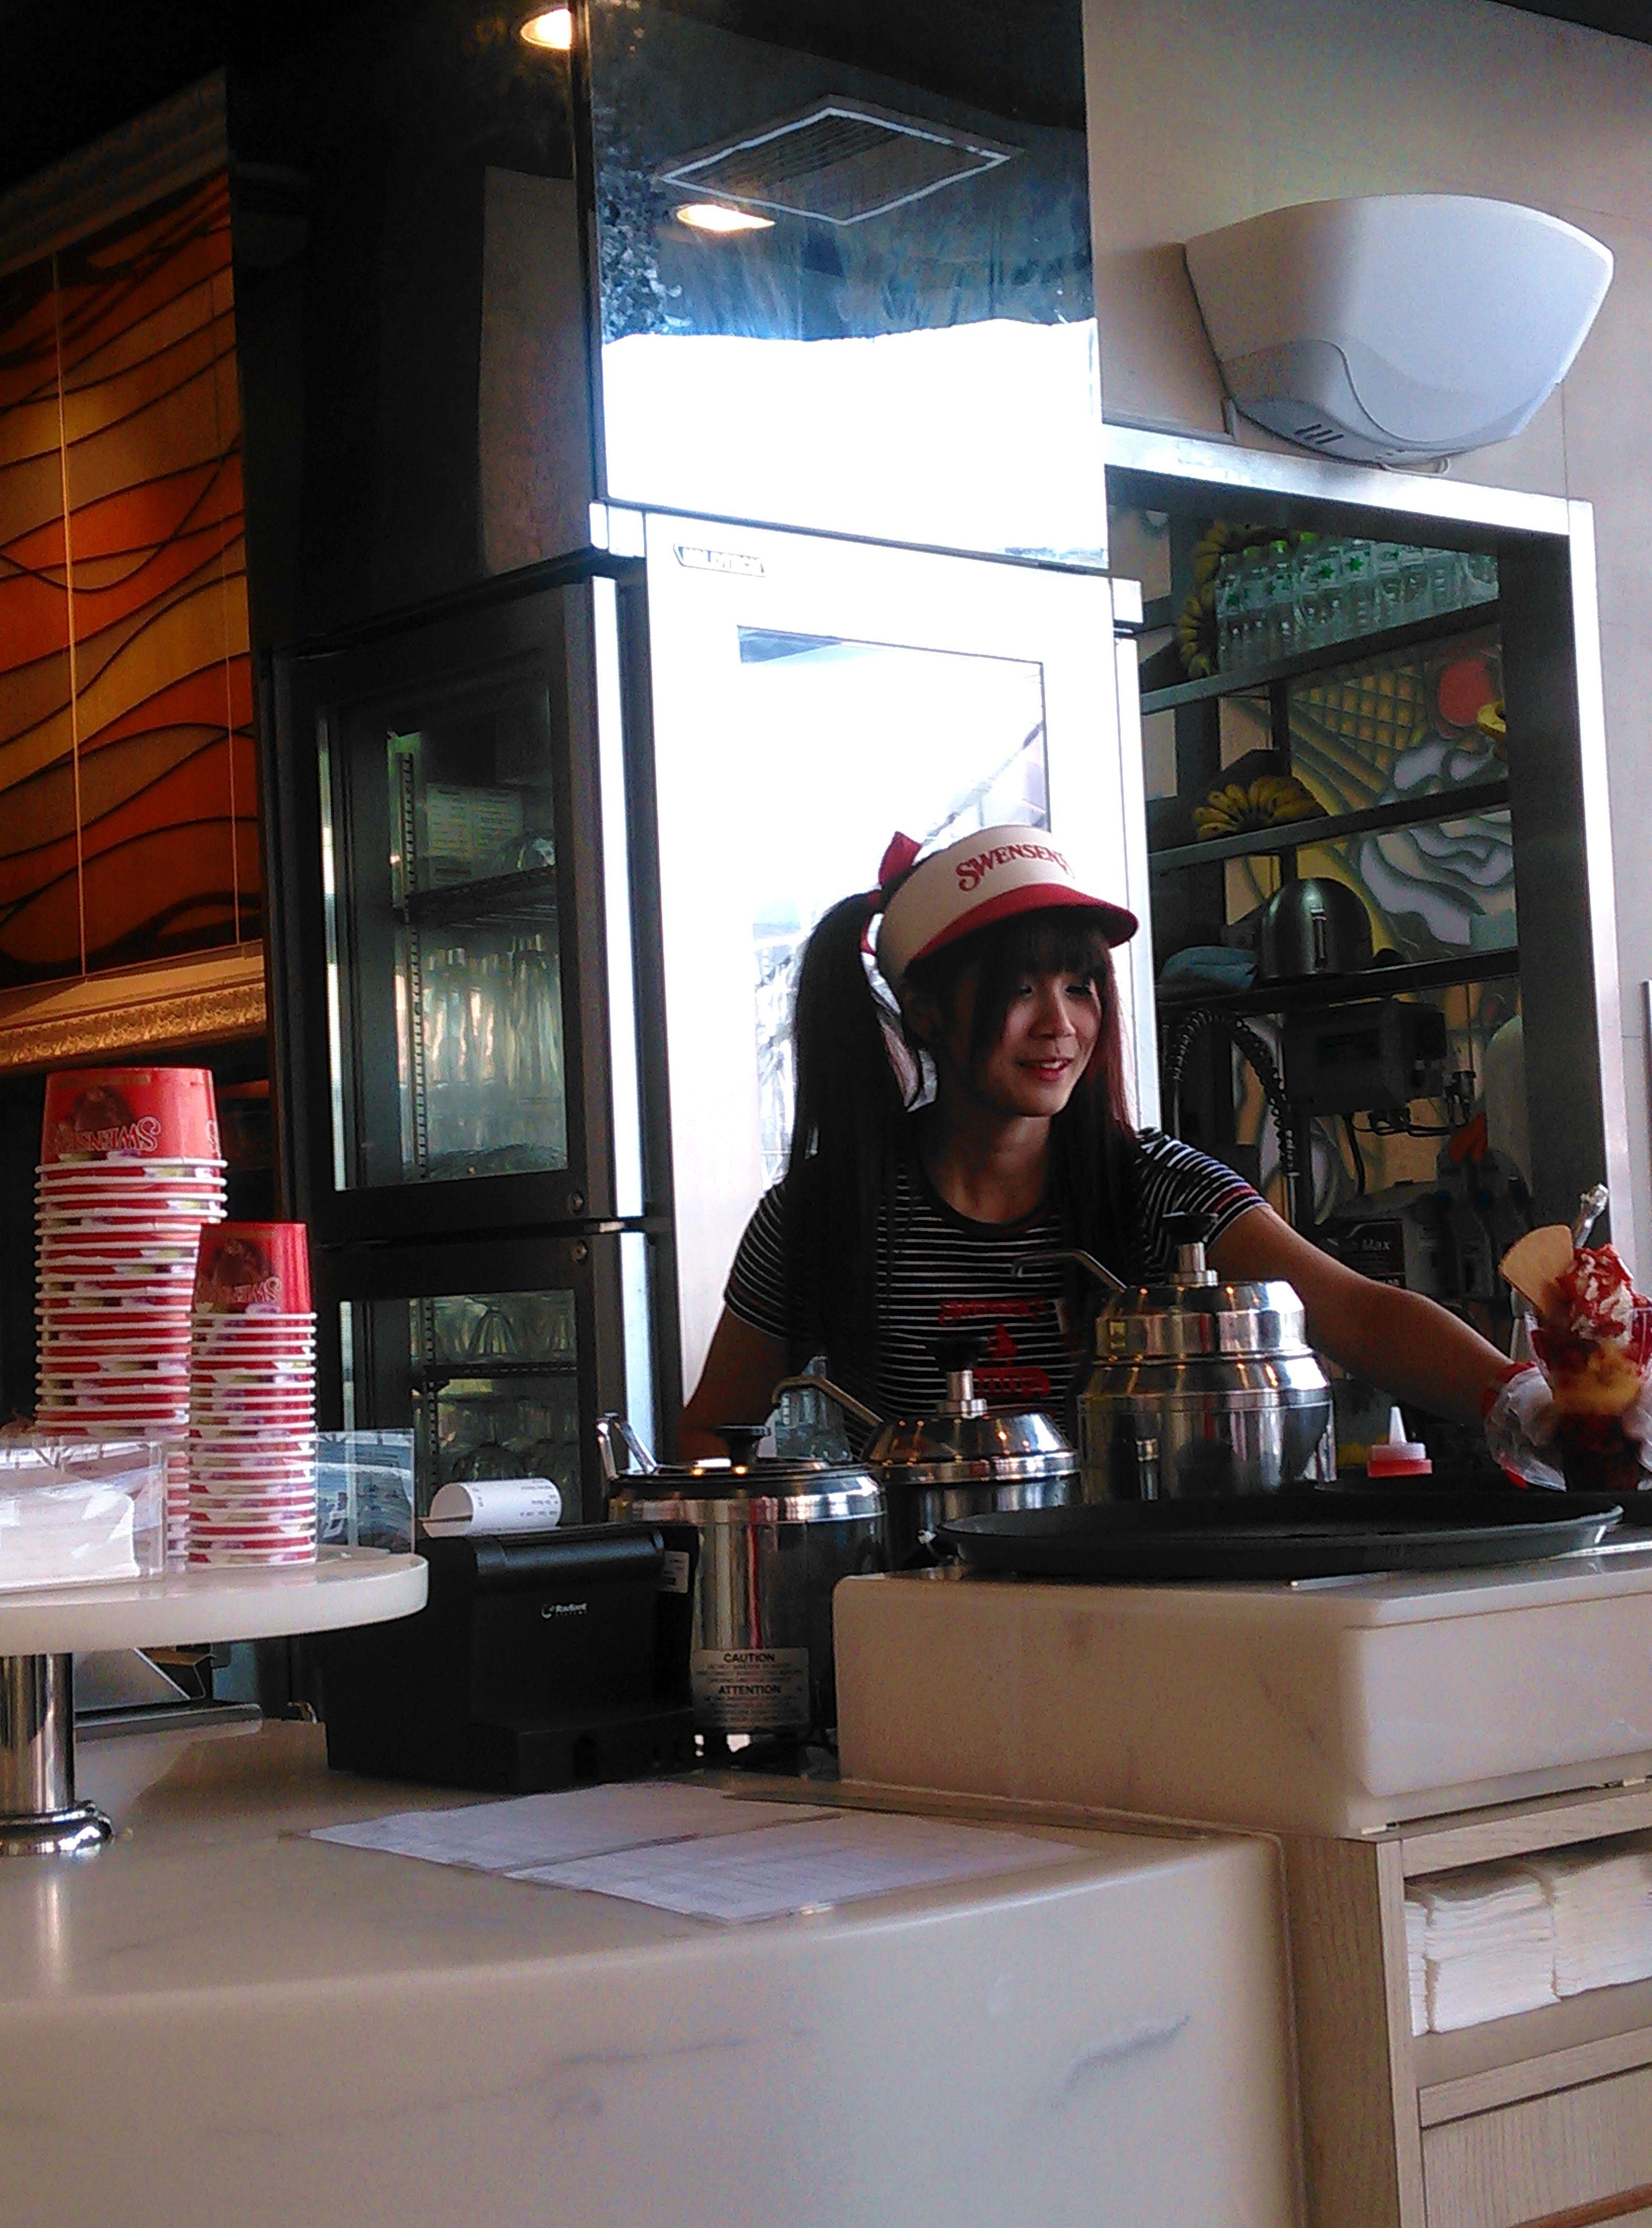 冰淇淋店的小妹妹,长得很可爱是不是?